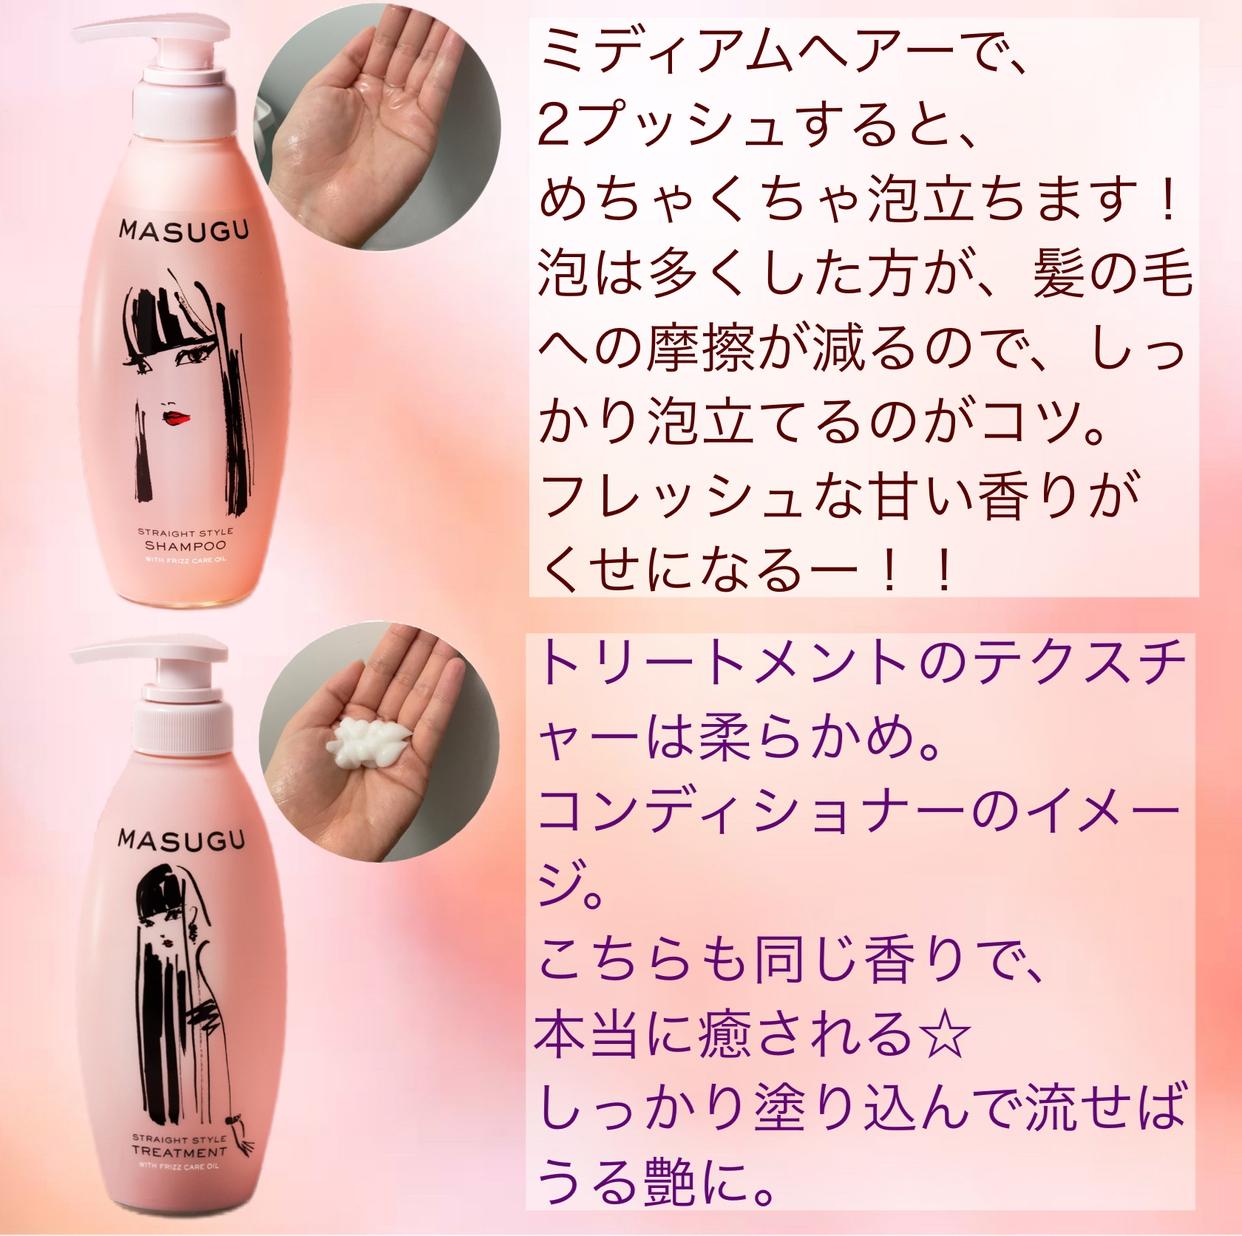 masugu(マッスグ) シャンプーを使ったふっきーさんのクチコミ画像2